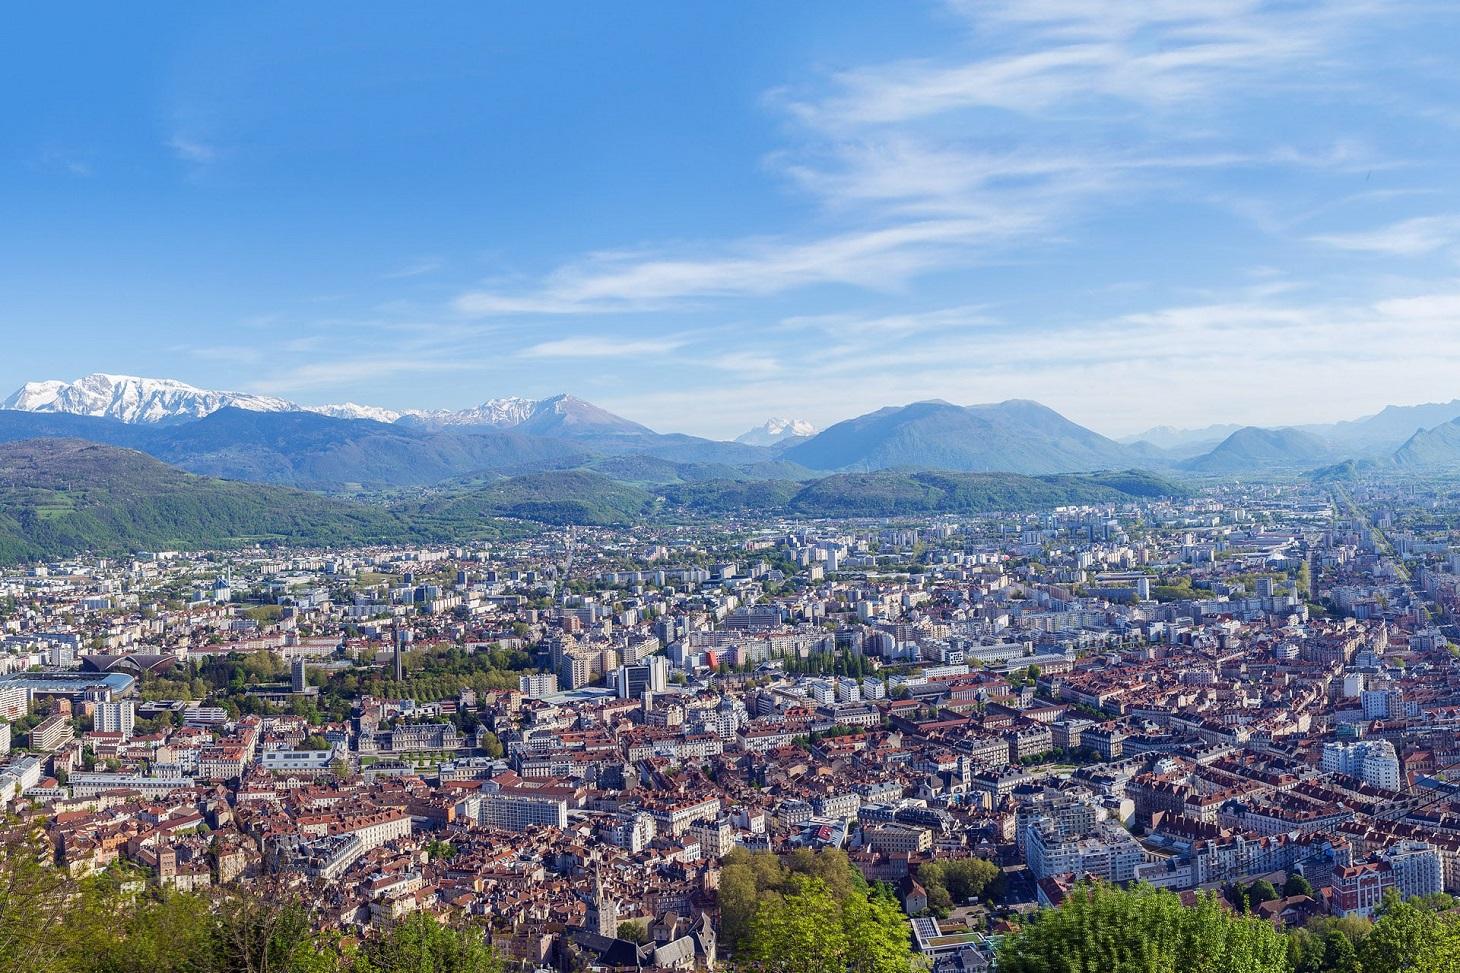 Grenoble vue des montagnes